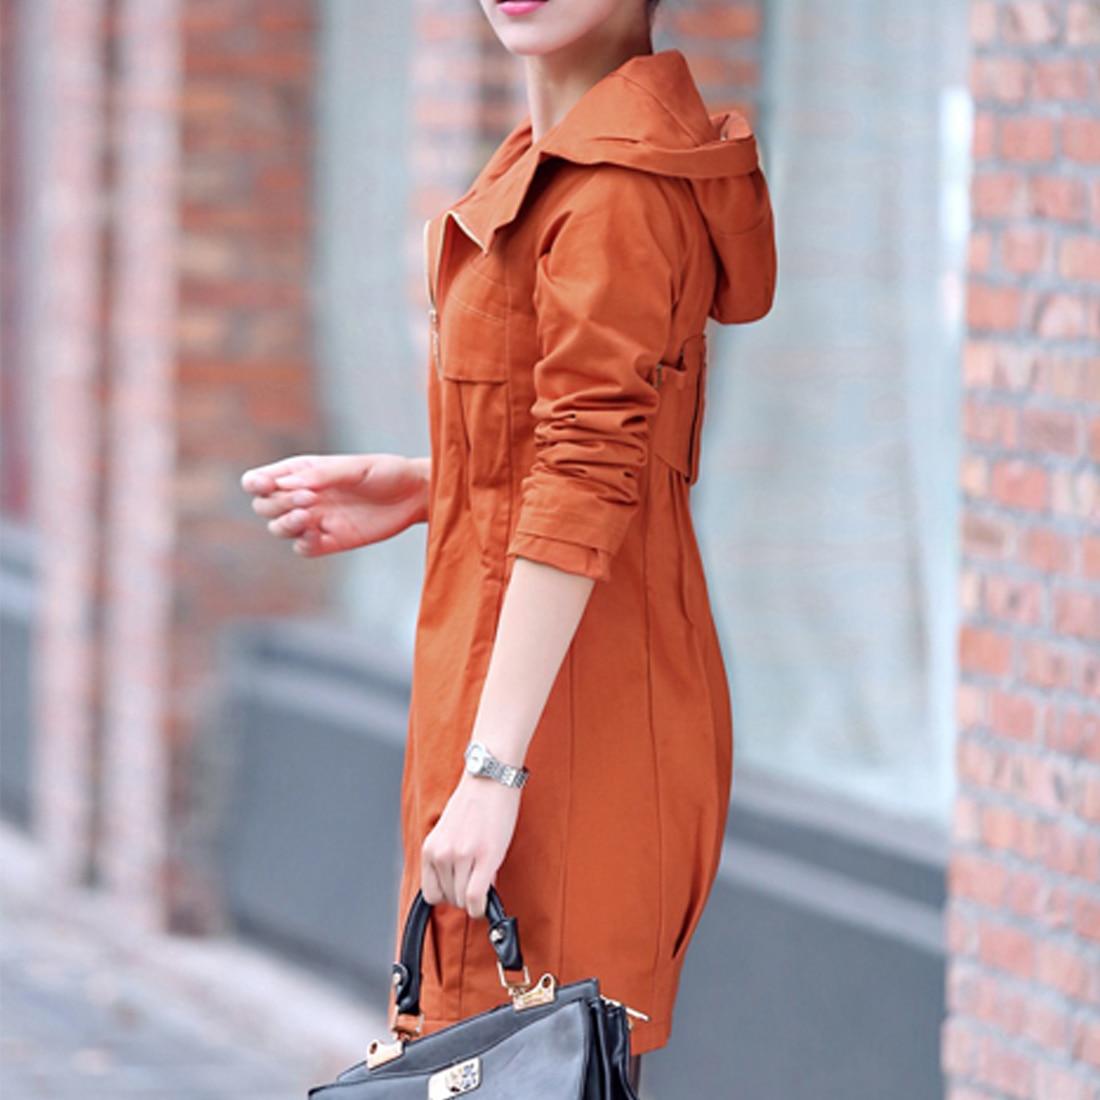 JIMMYHANK Fashion Winter Women's   Trench   Coat With A Hood Warm Cotton Spliced Big Size Windbreaker Female Outerwear